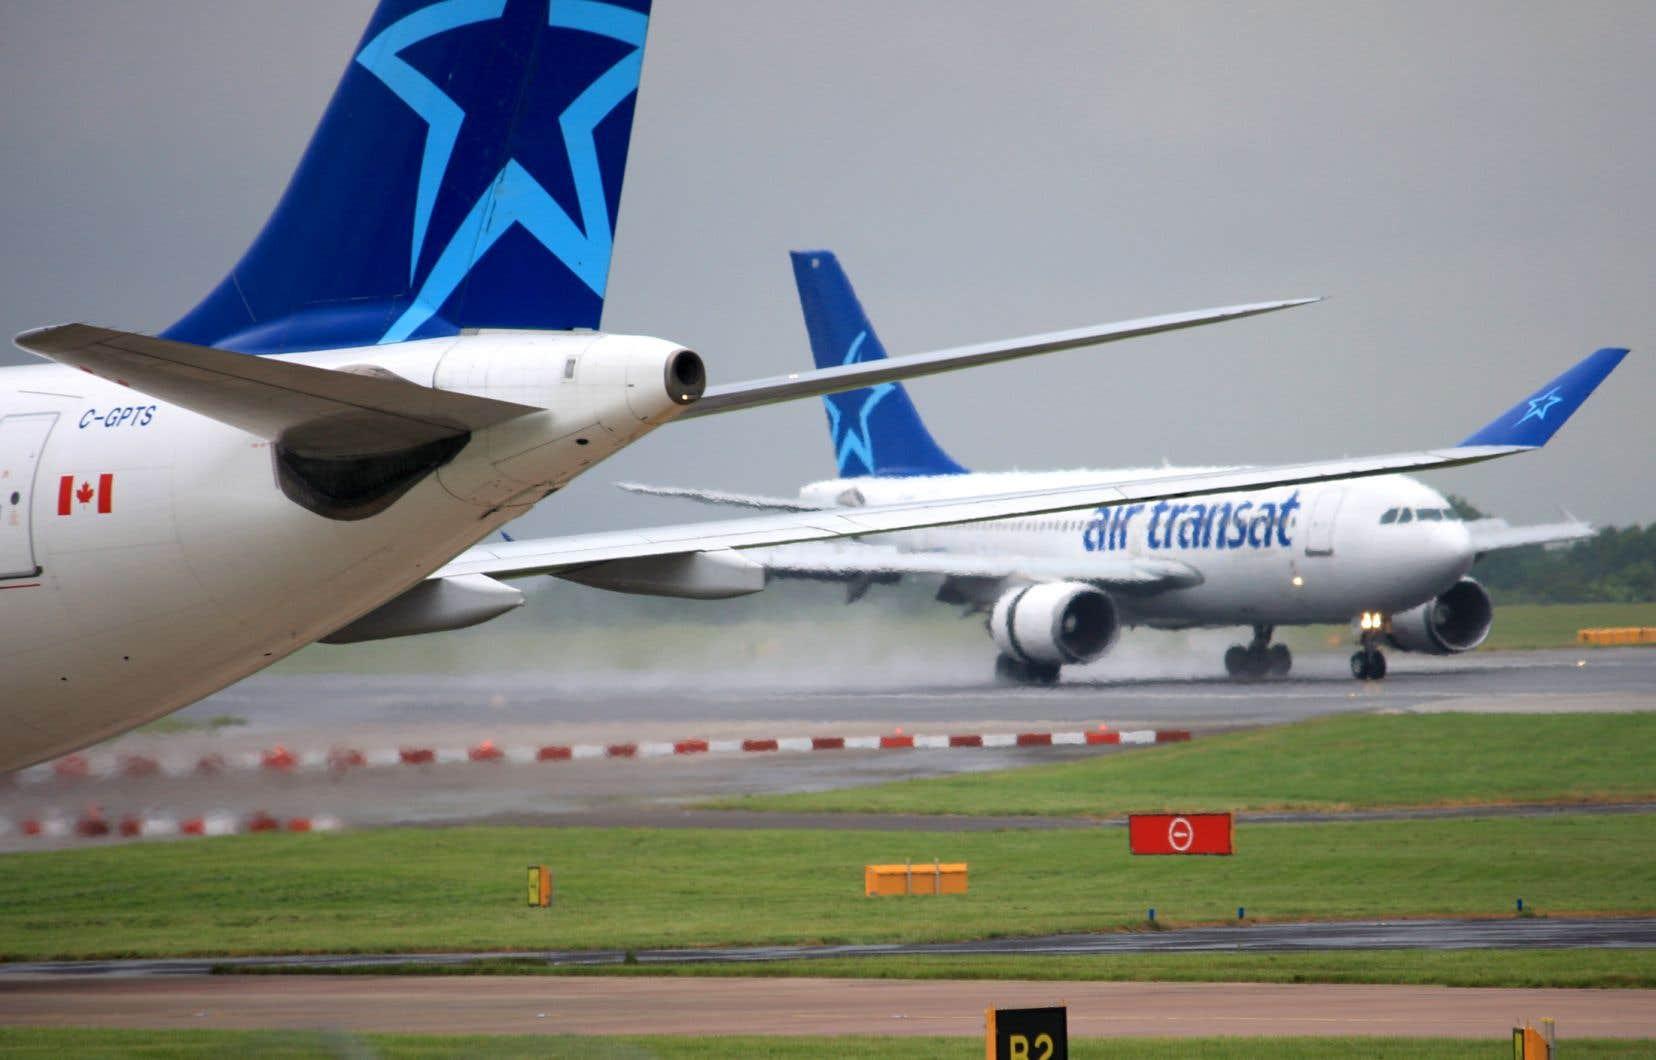 En août, les actionnaires de Transat A.T. ont accepté l'offre bonifiée de 18$ par action — soit environ 720millions — proposée par le plus grand transporteur aérien au pays.